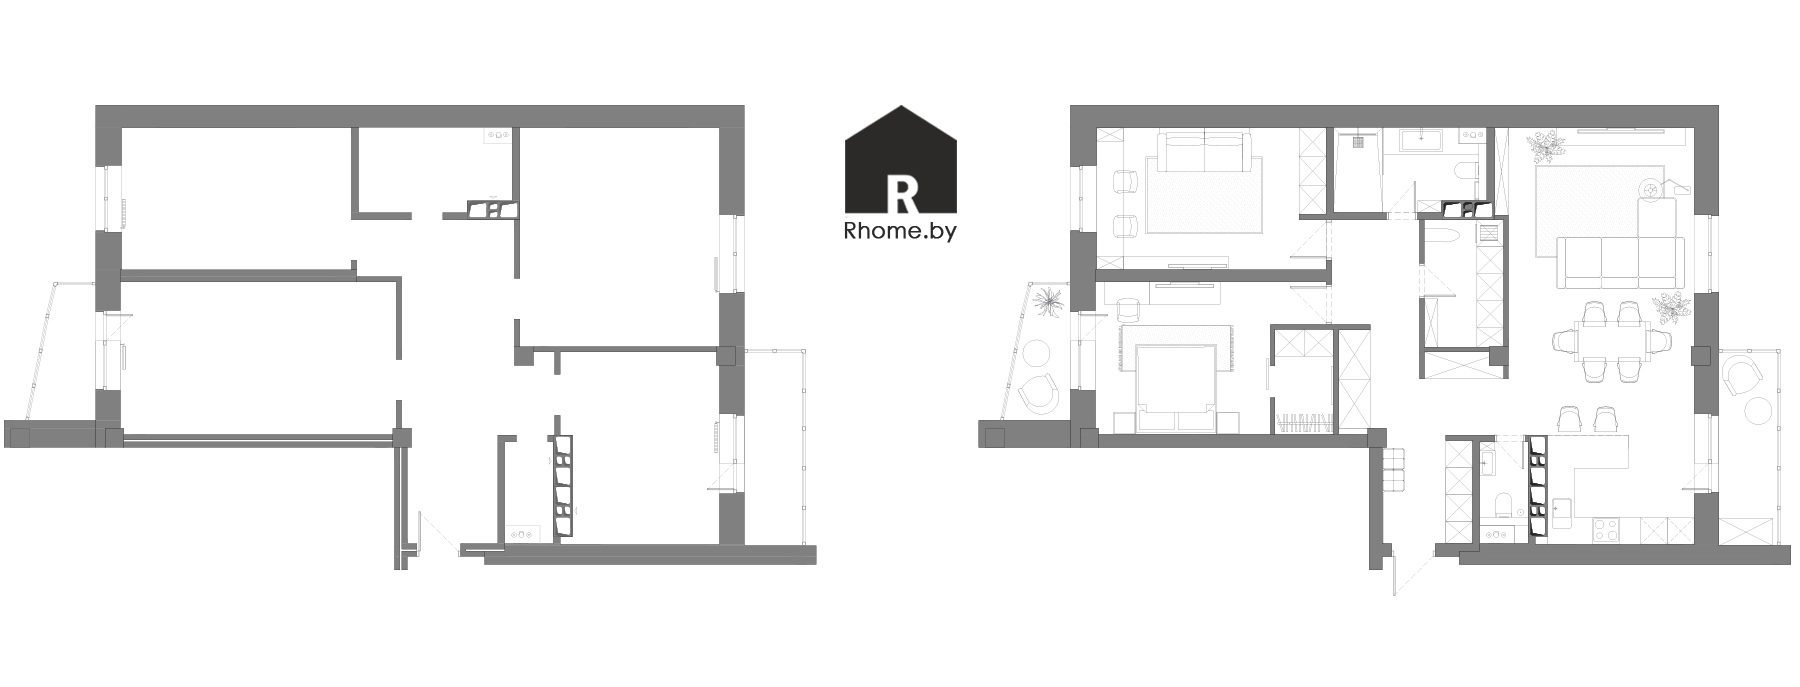 Планировка квартиры на проспекте Дзержинского | Дизайн студия – Rhome.by